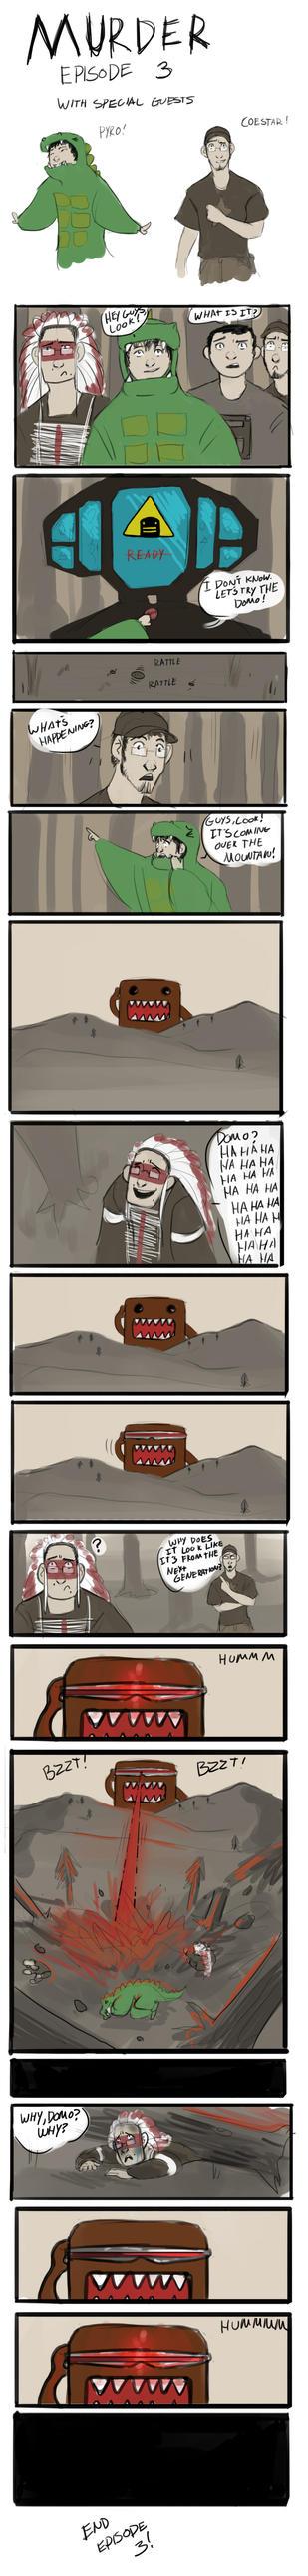 Mindcrack MURDER! Part 3 by Ismarus